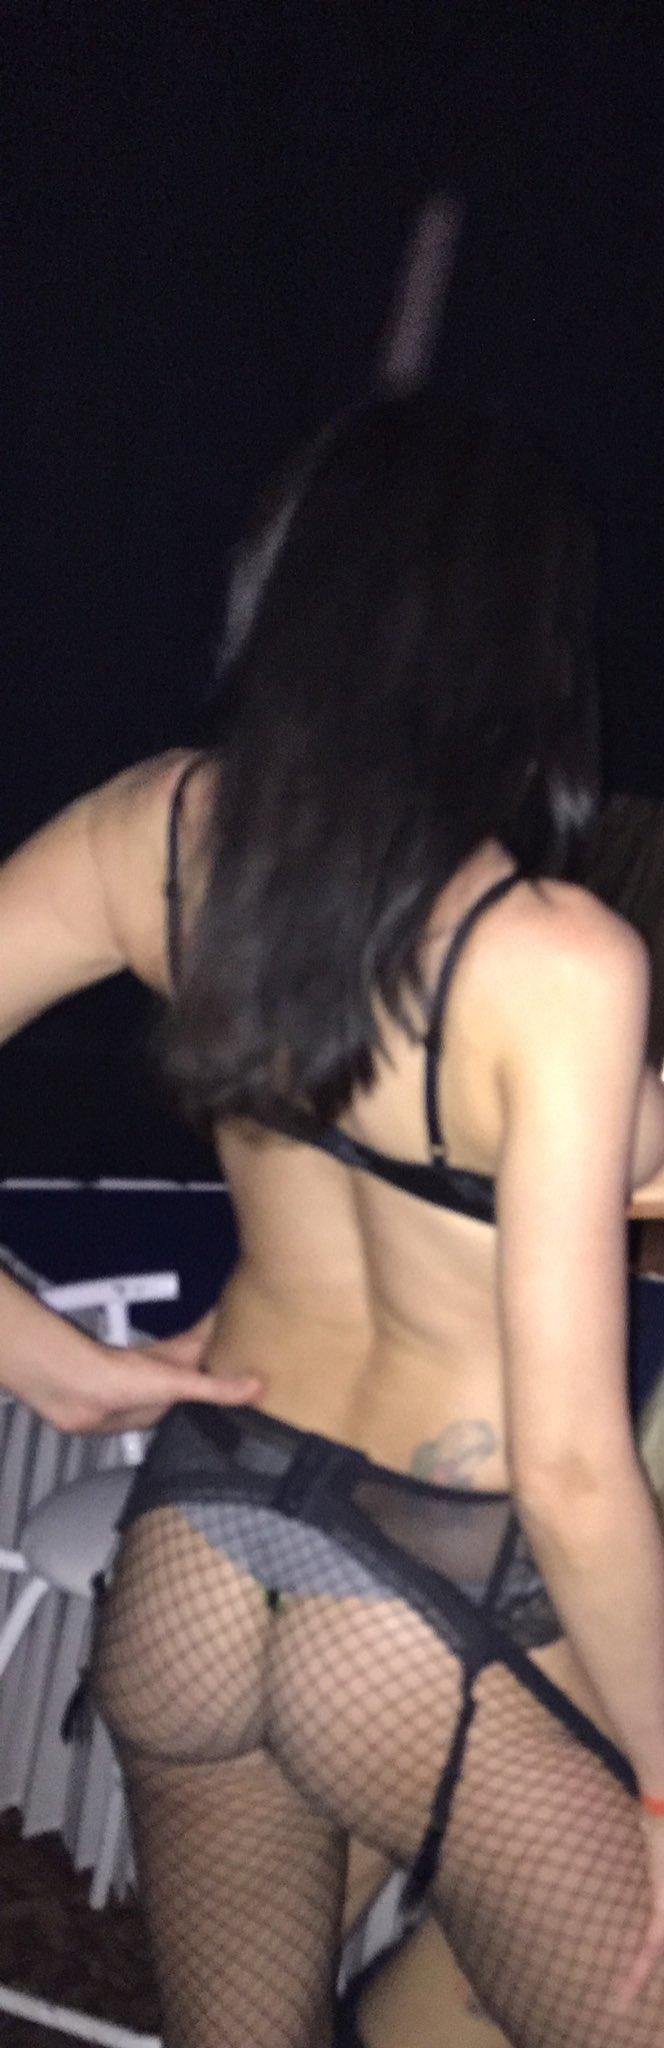 Pornstars In Sweatpants Pics 105